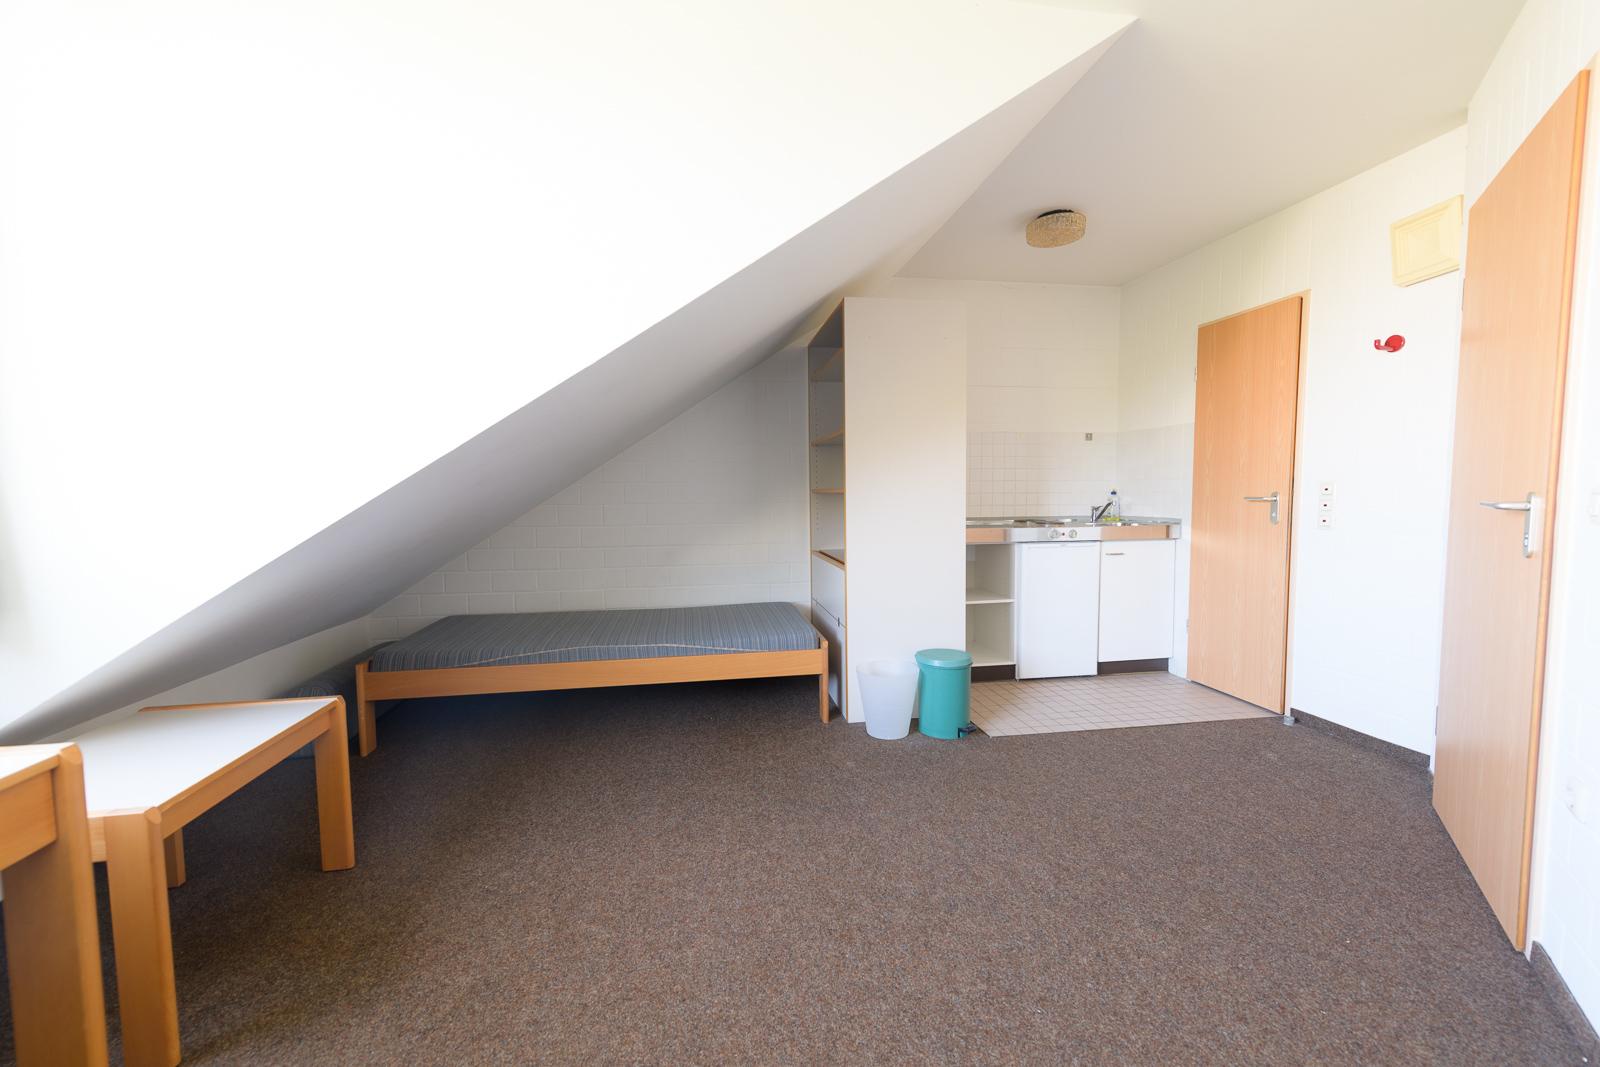 Einzelzimmer Dach Wohnanalage Univiertel